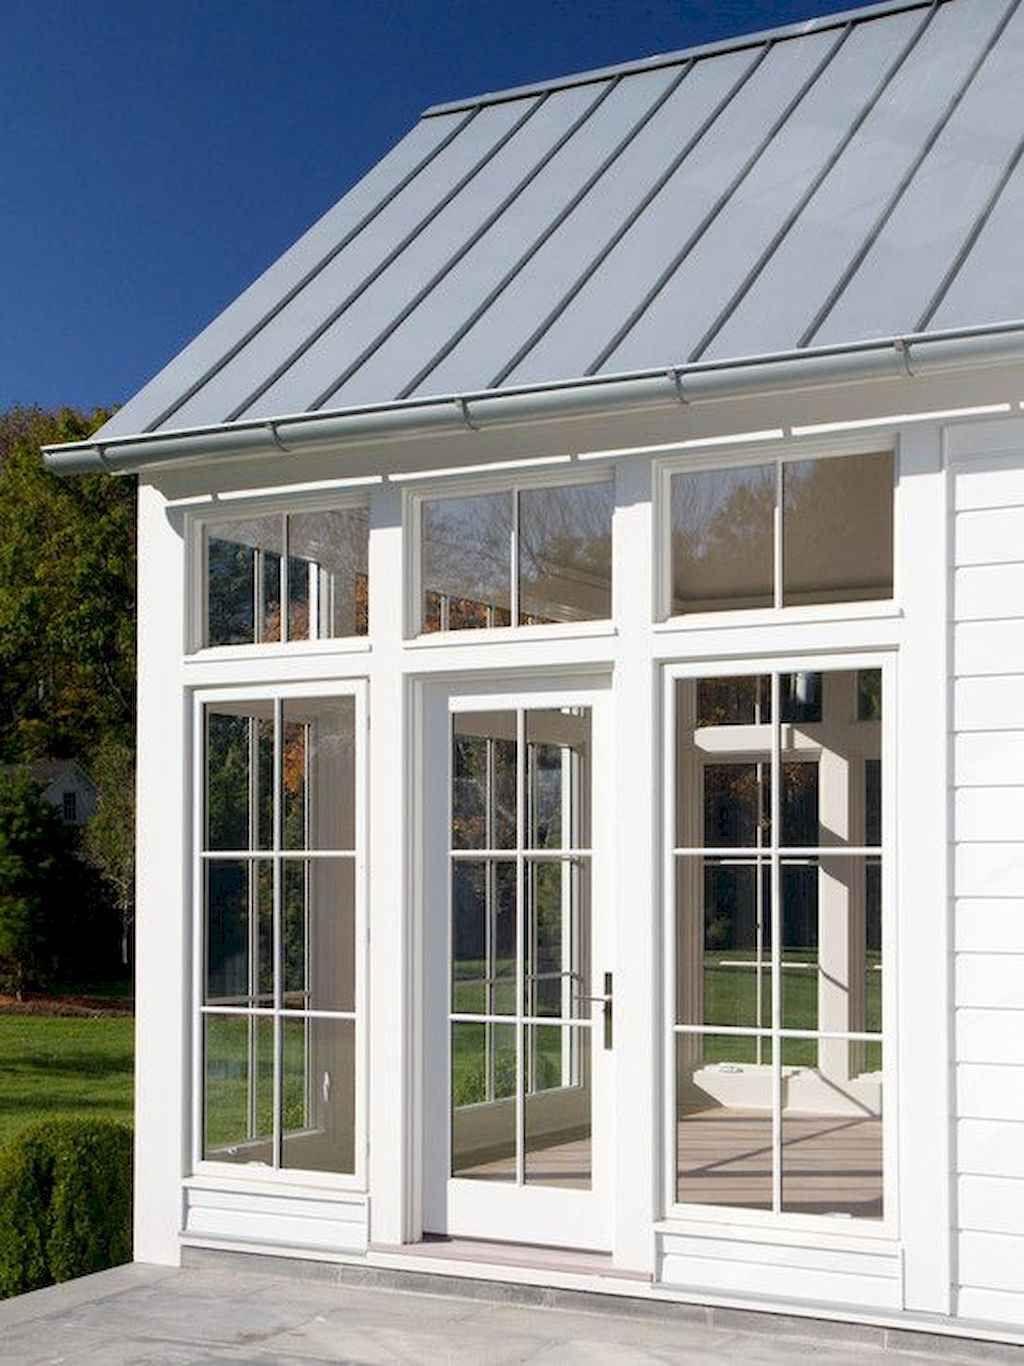 55 Cozy Modern Farmhouse Sunroom Decor Ideas